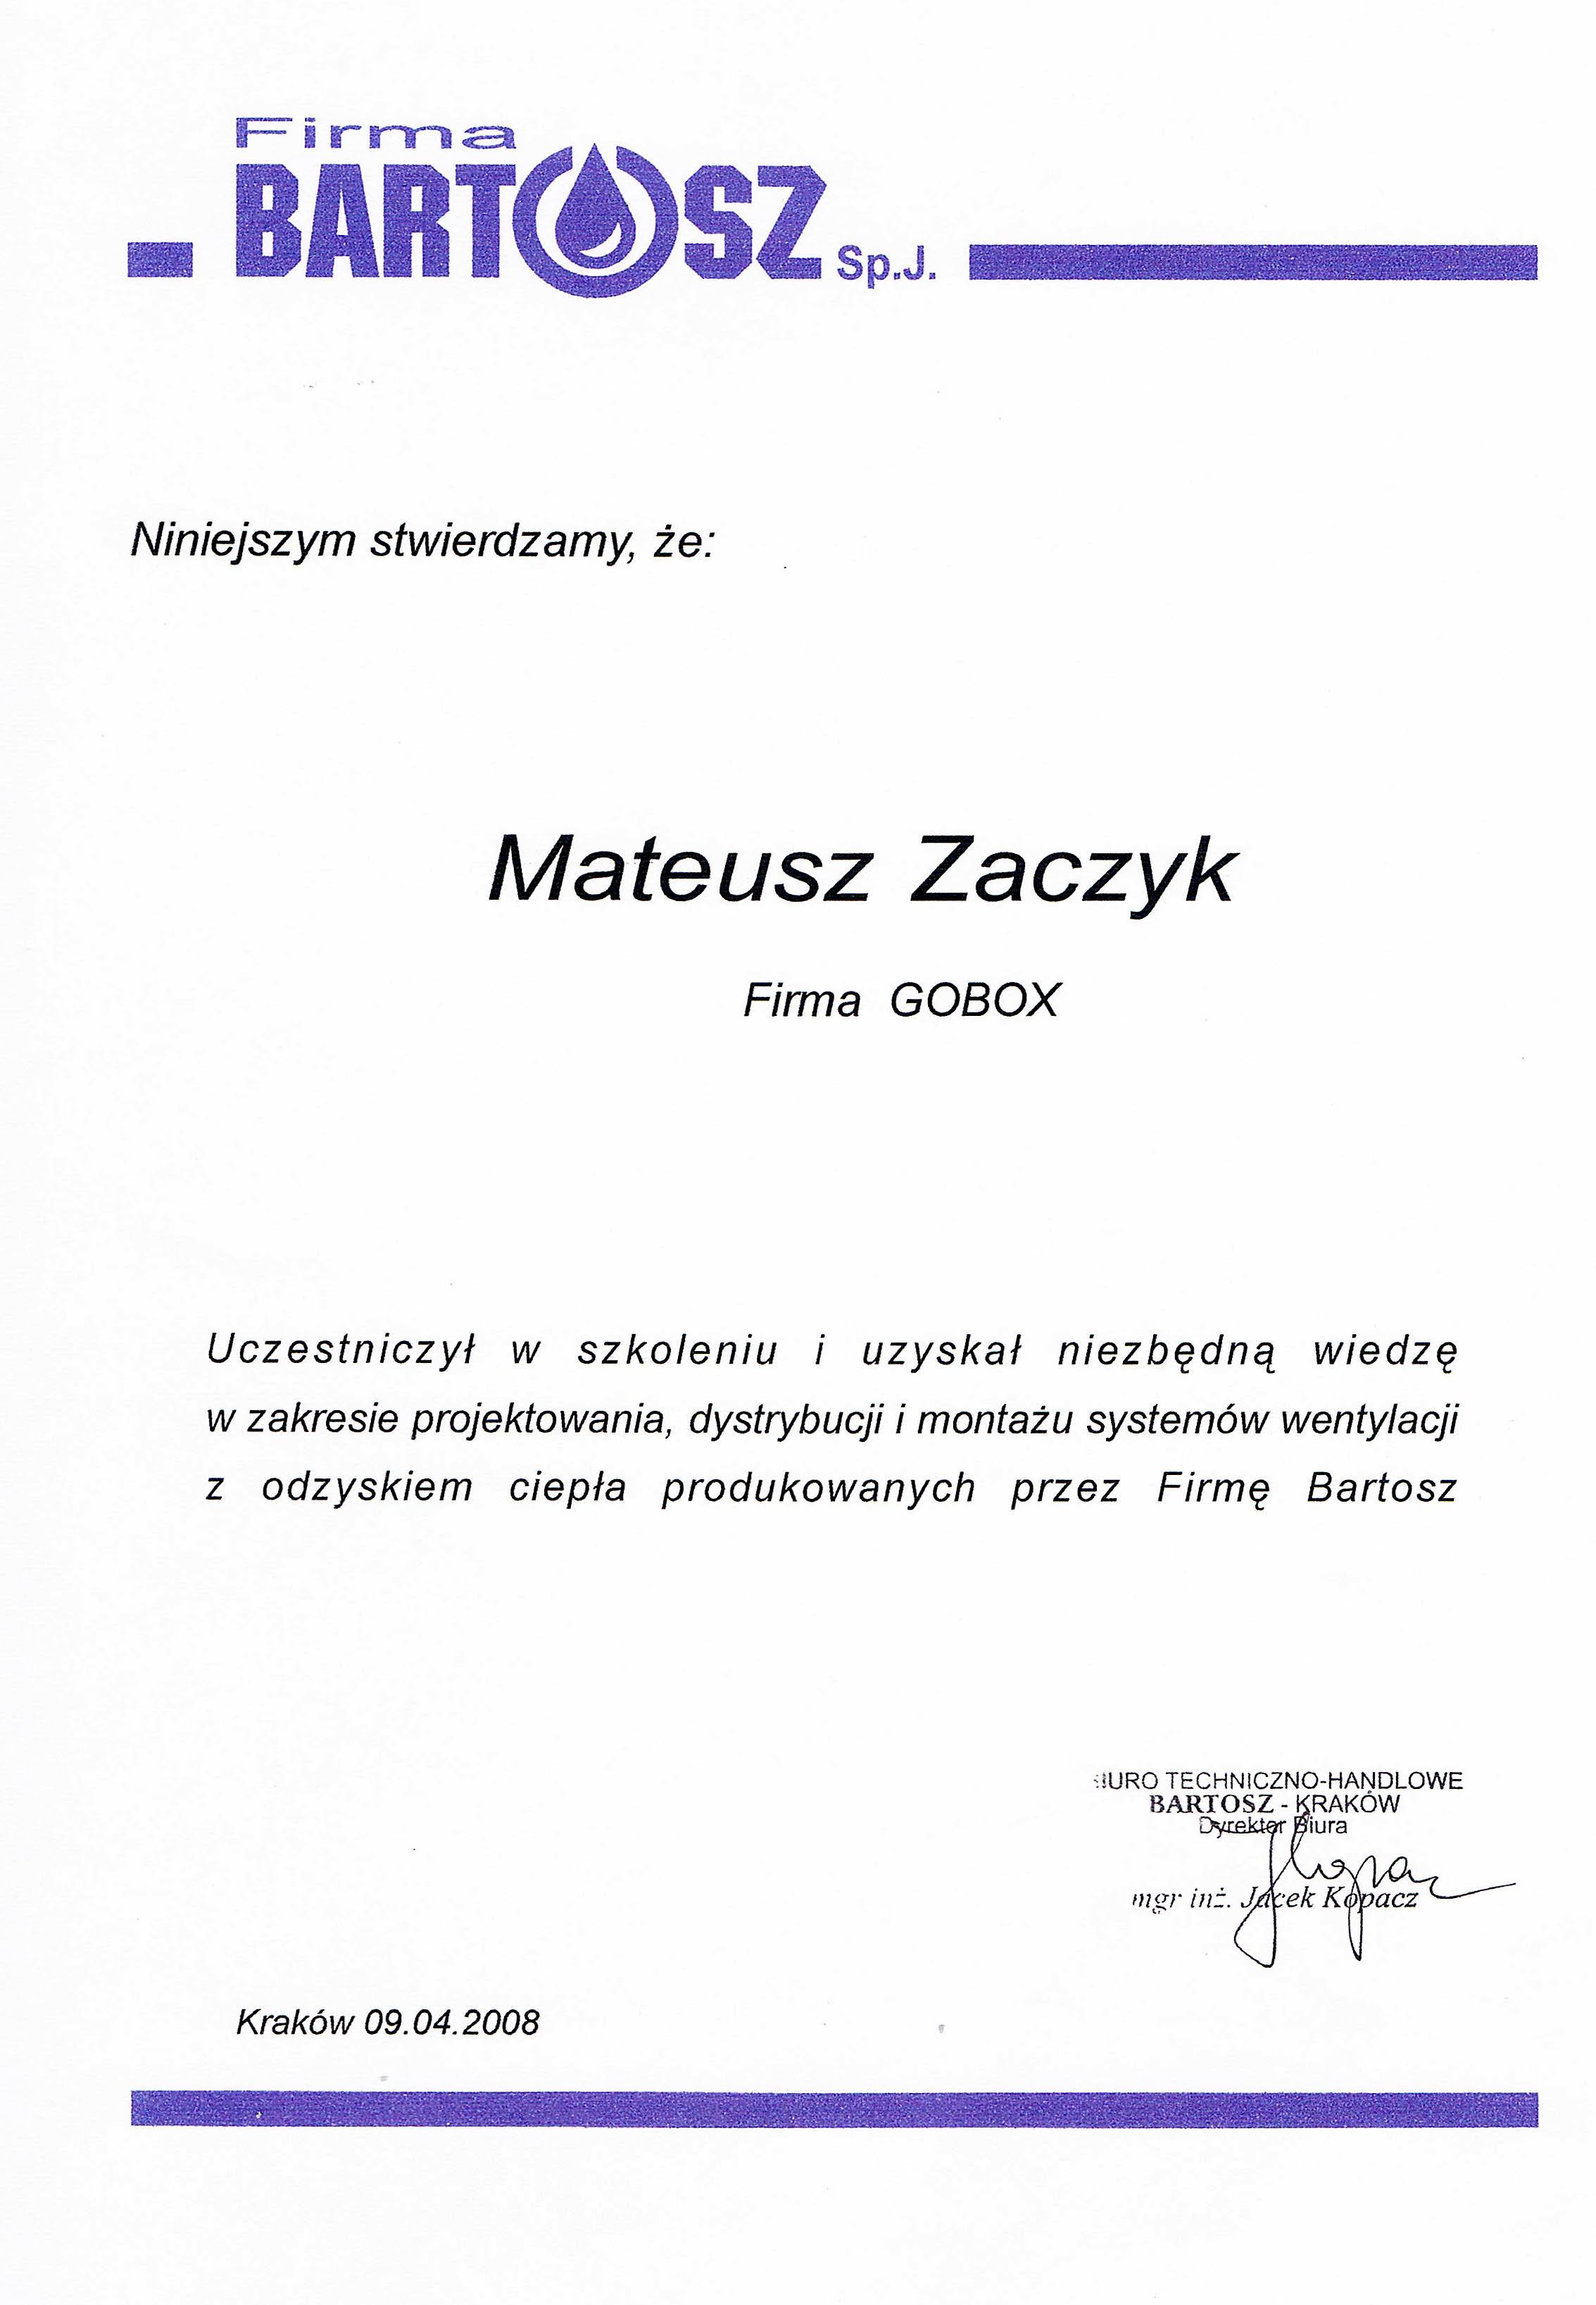 Certyfikaty 09